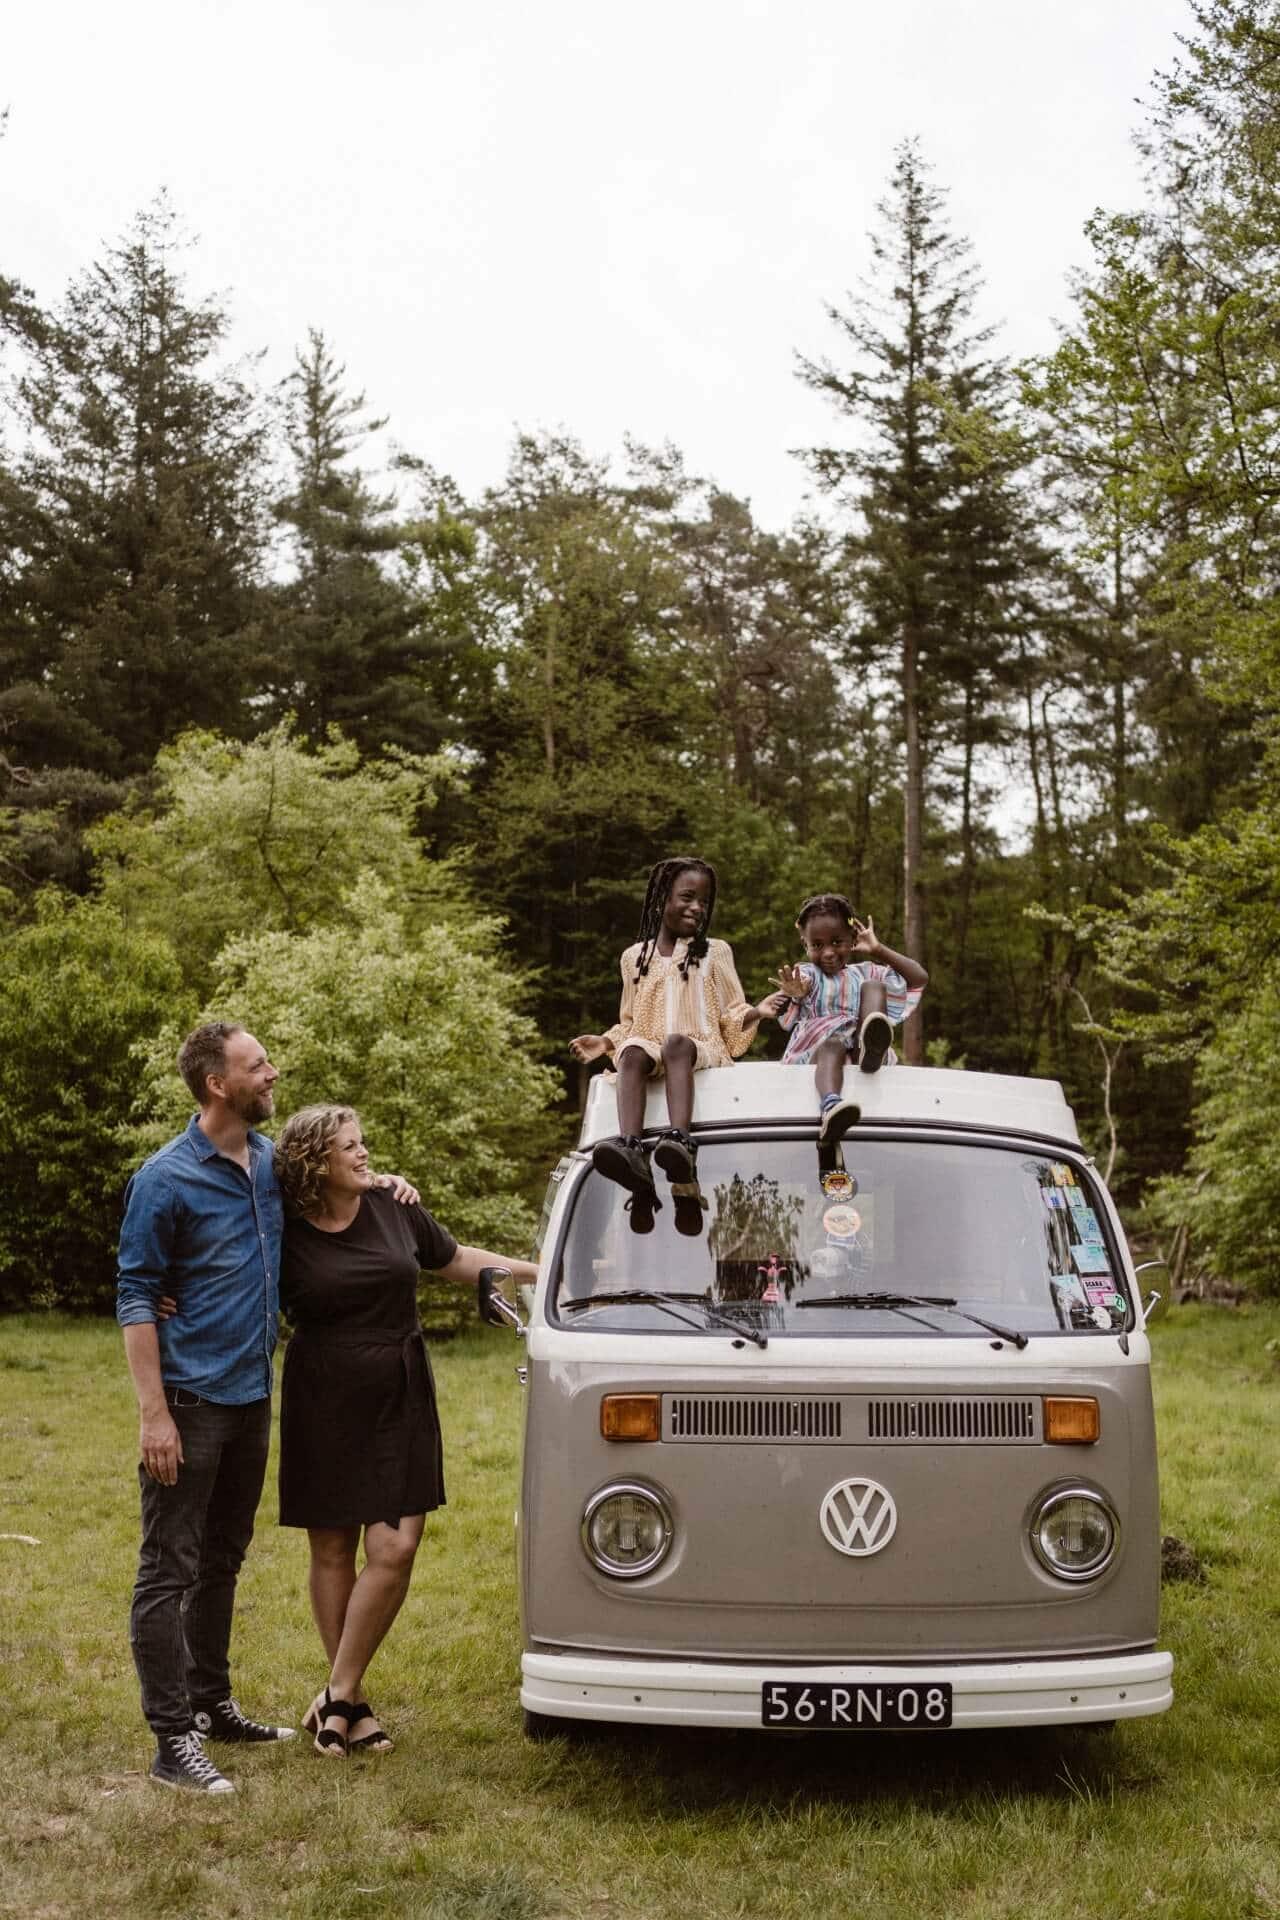 Familie-Jellema-VW-busje-copyright-In-Beeld-Met-Floor